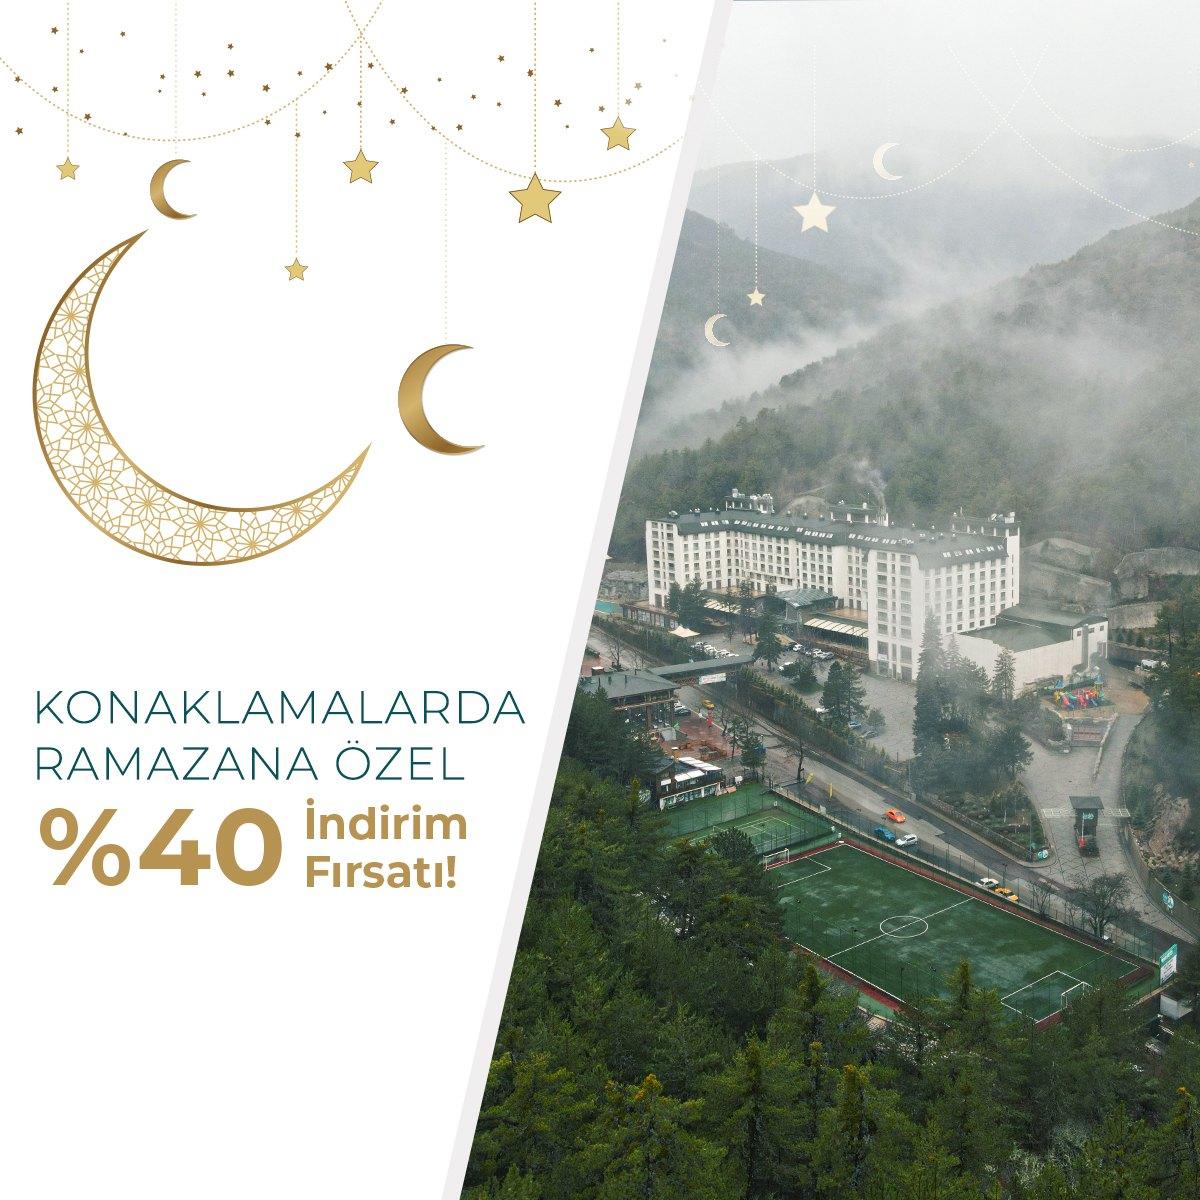 ramazan fırsatı duyurusu